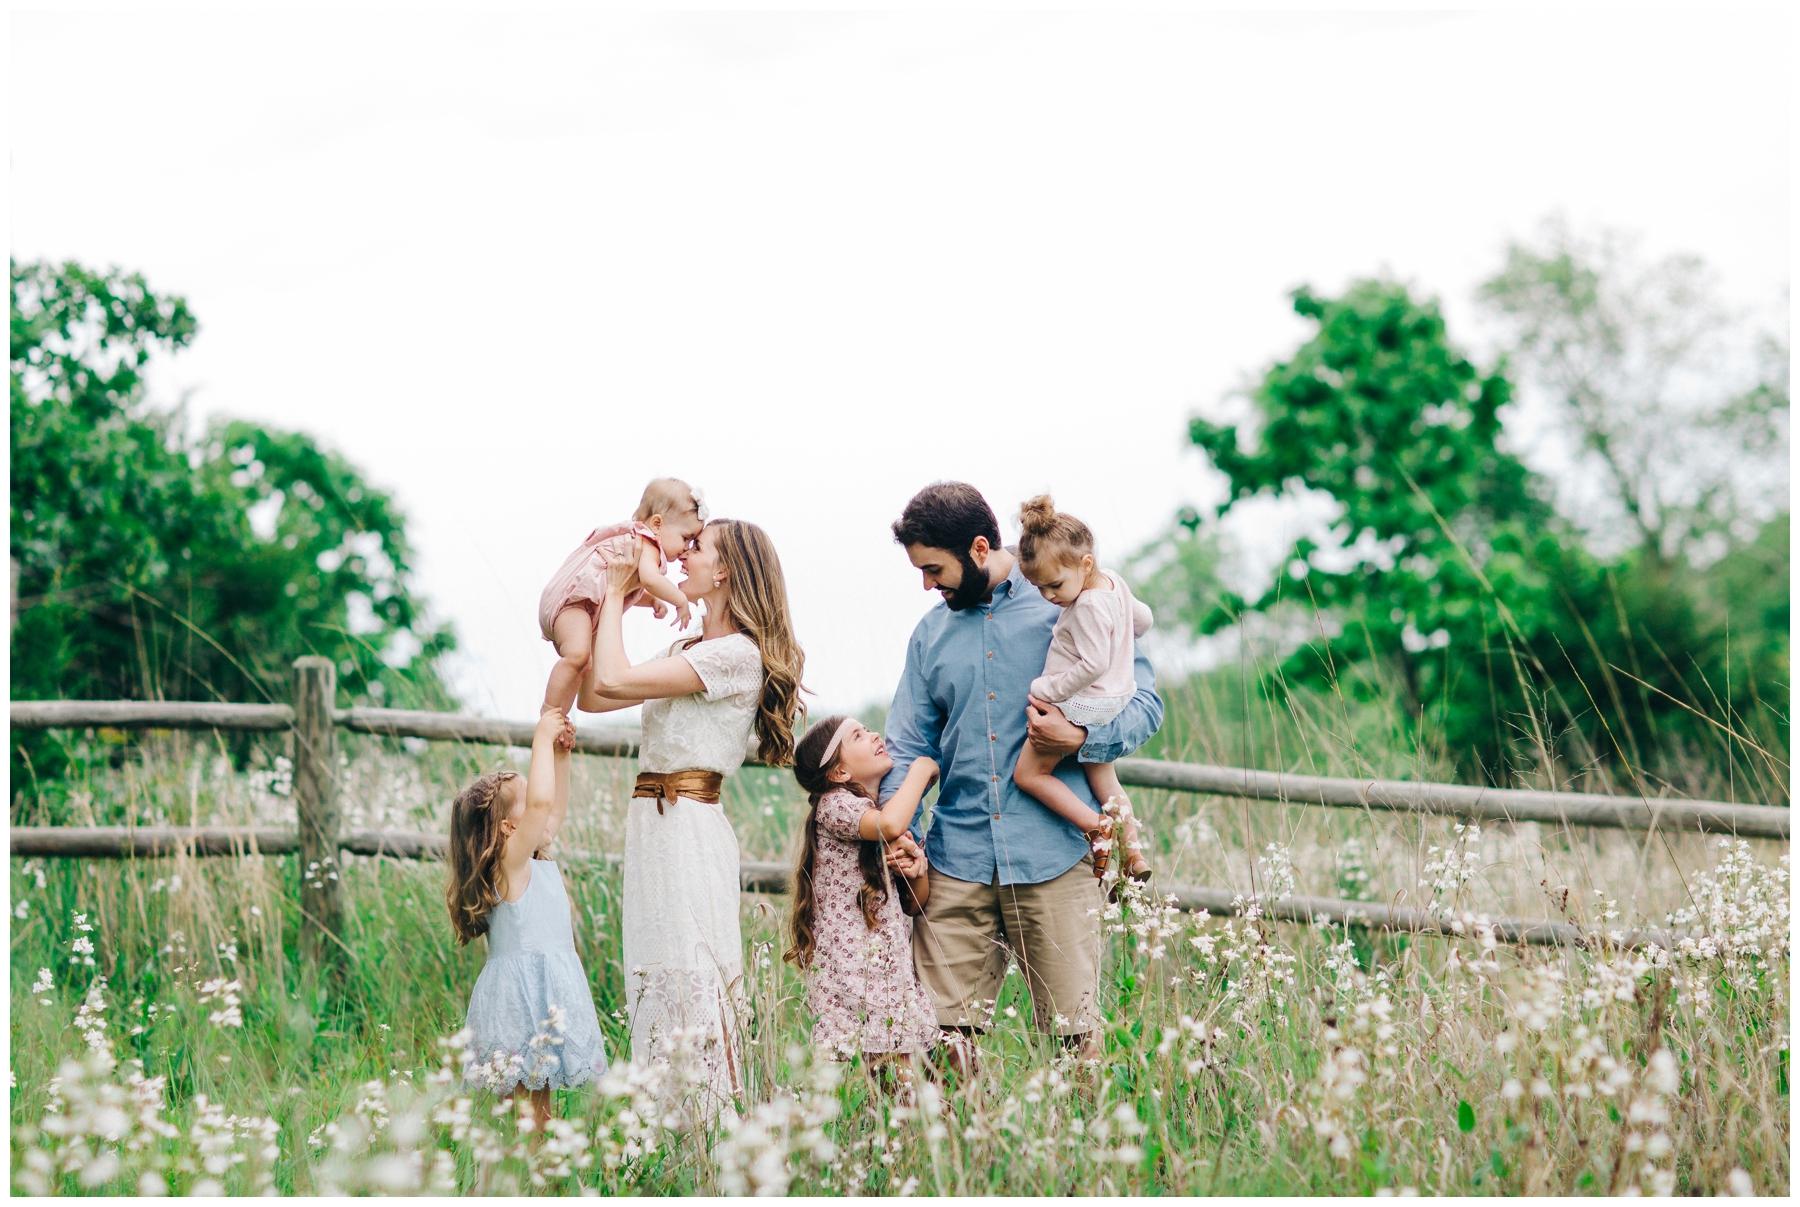 allison-corrin-kansas-city-family-photographer_0004.jpg